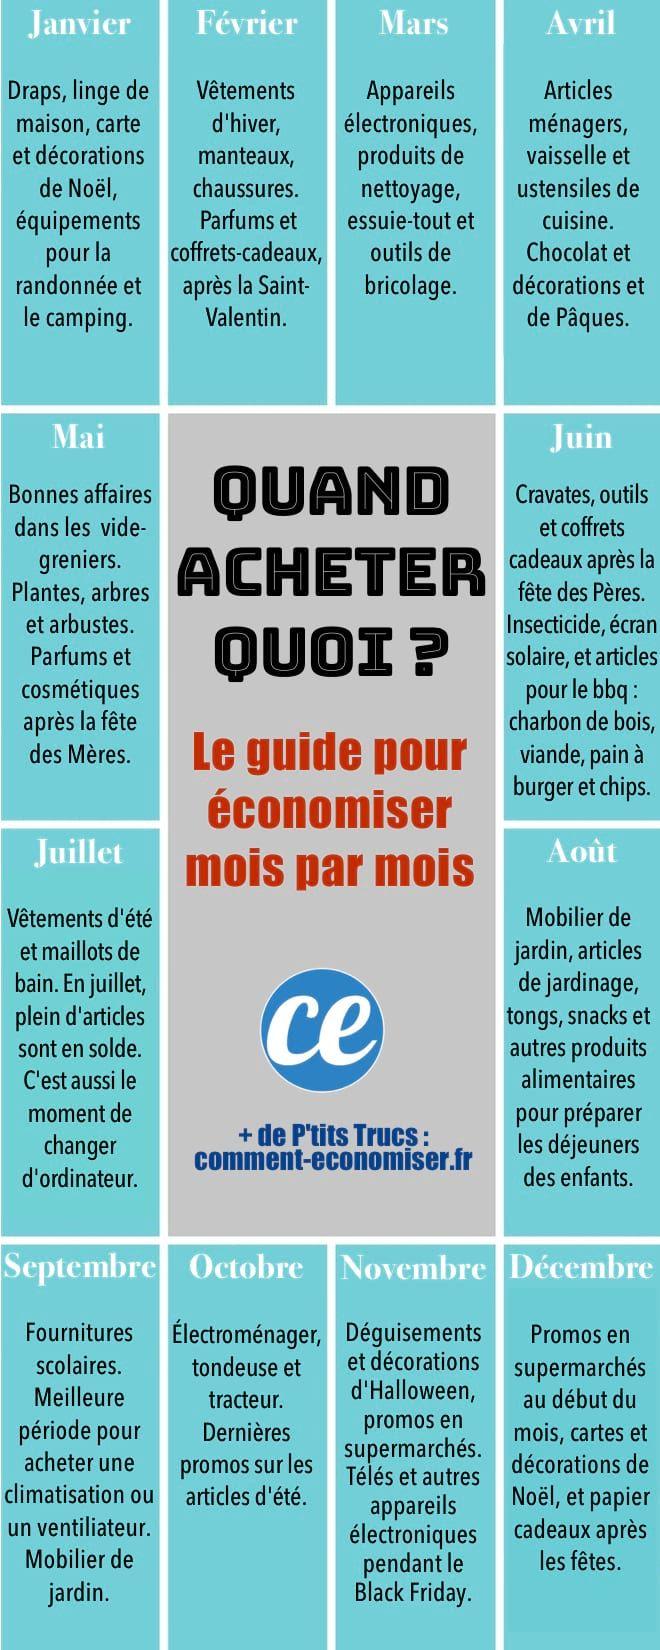 Quand+Acheter+Quoi+?+Le+Guide+Pour+Acheter+Au+Meilleur+Prix+Mois+Par+Mois.